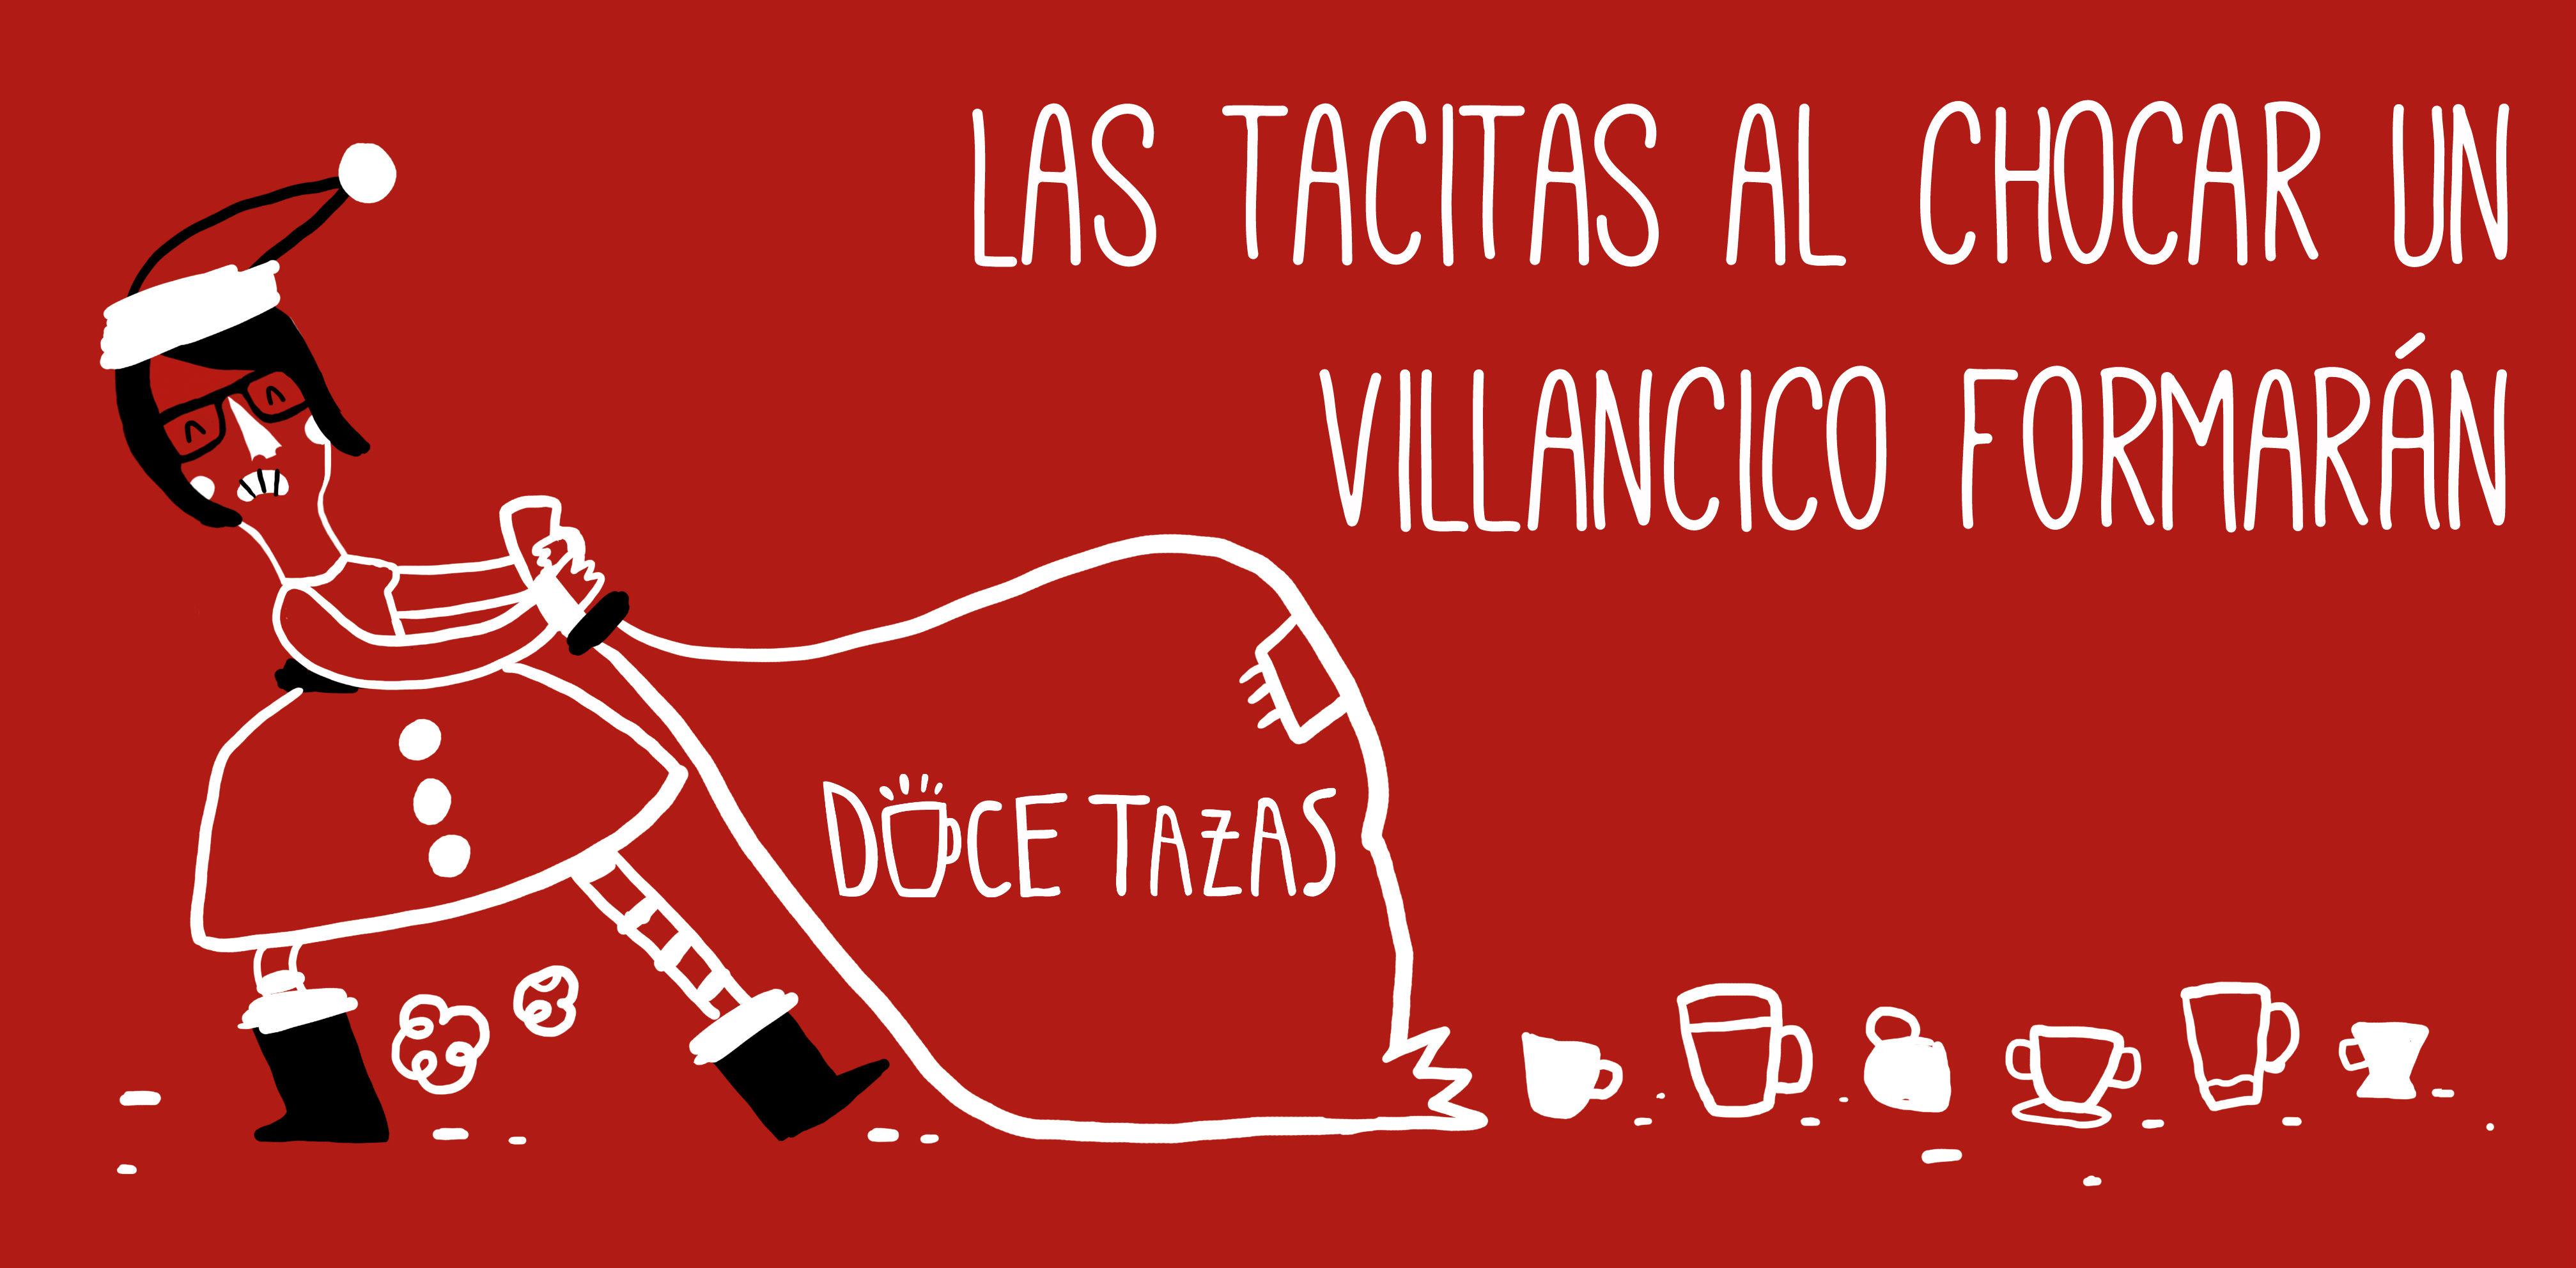 Villancico web